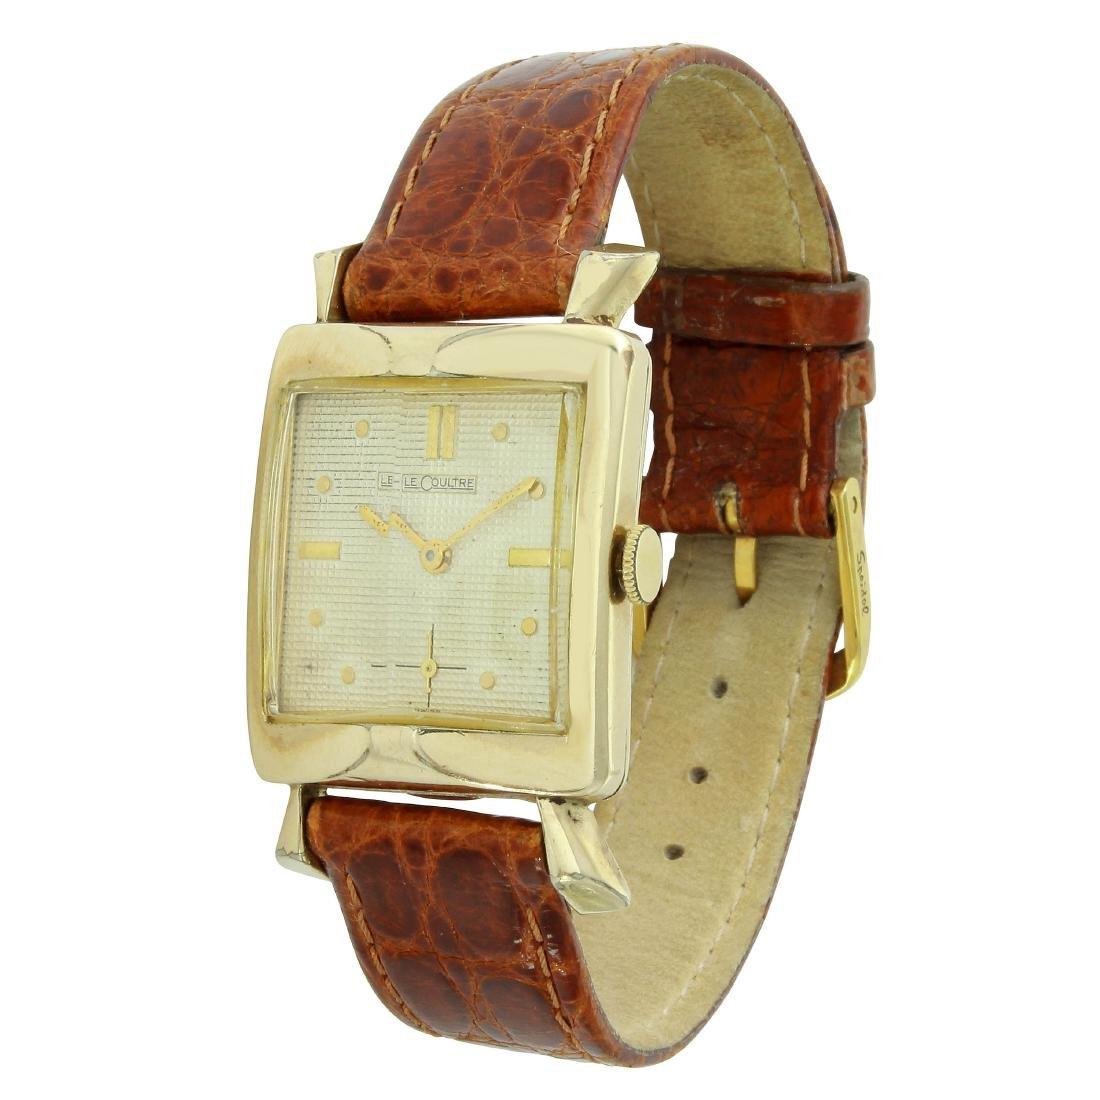 LeCoultre Vintage Art Deco Watch